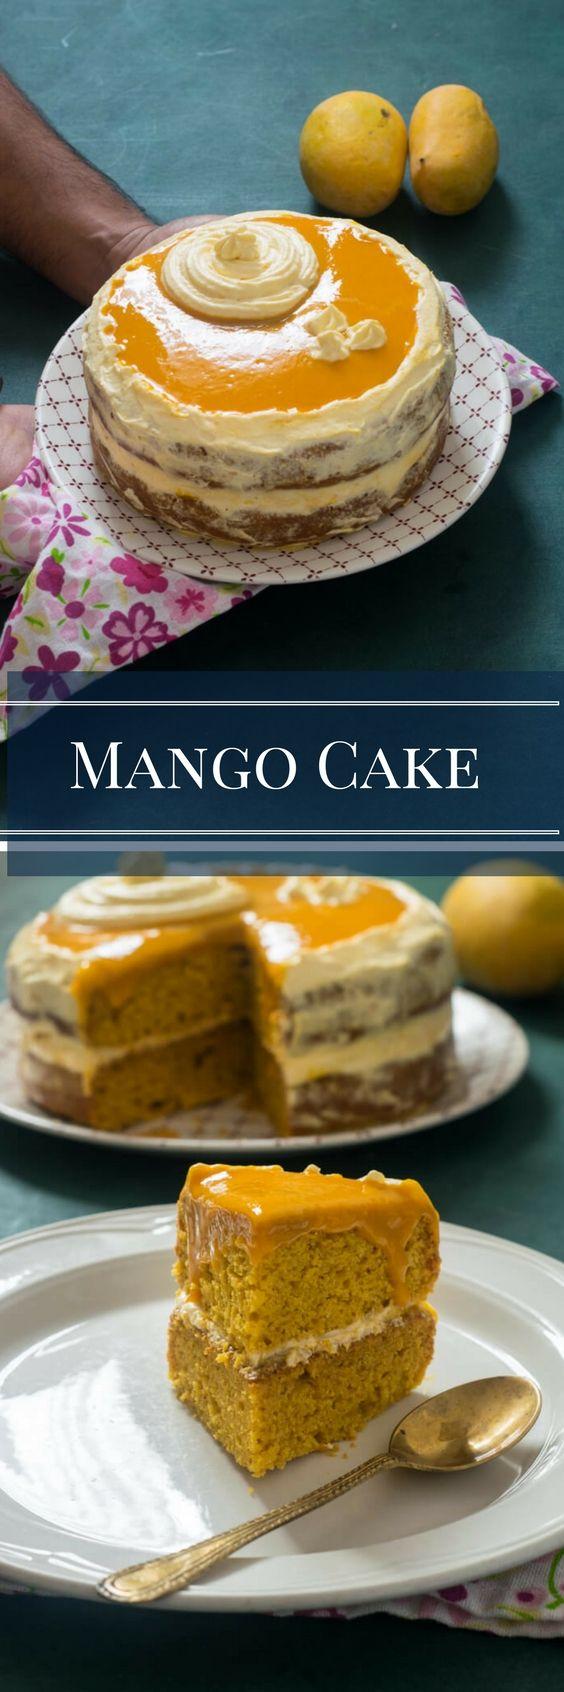 Eggless mango cake crumb coated with mango whipped cream and topped with shiny mango glaze.